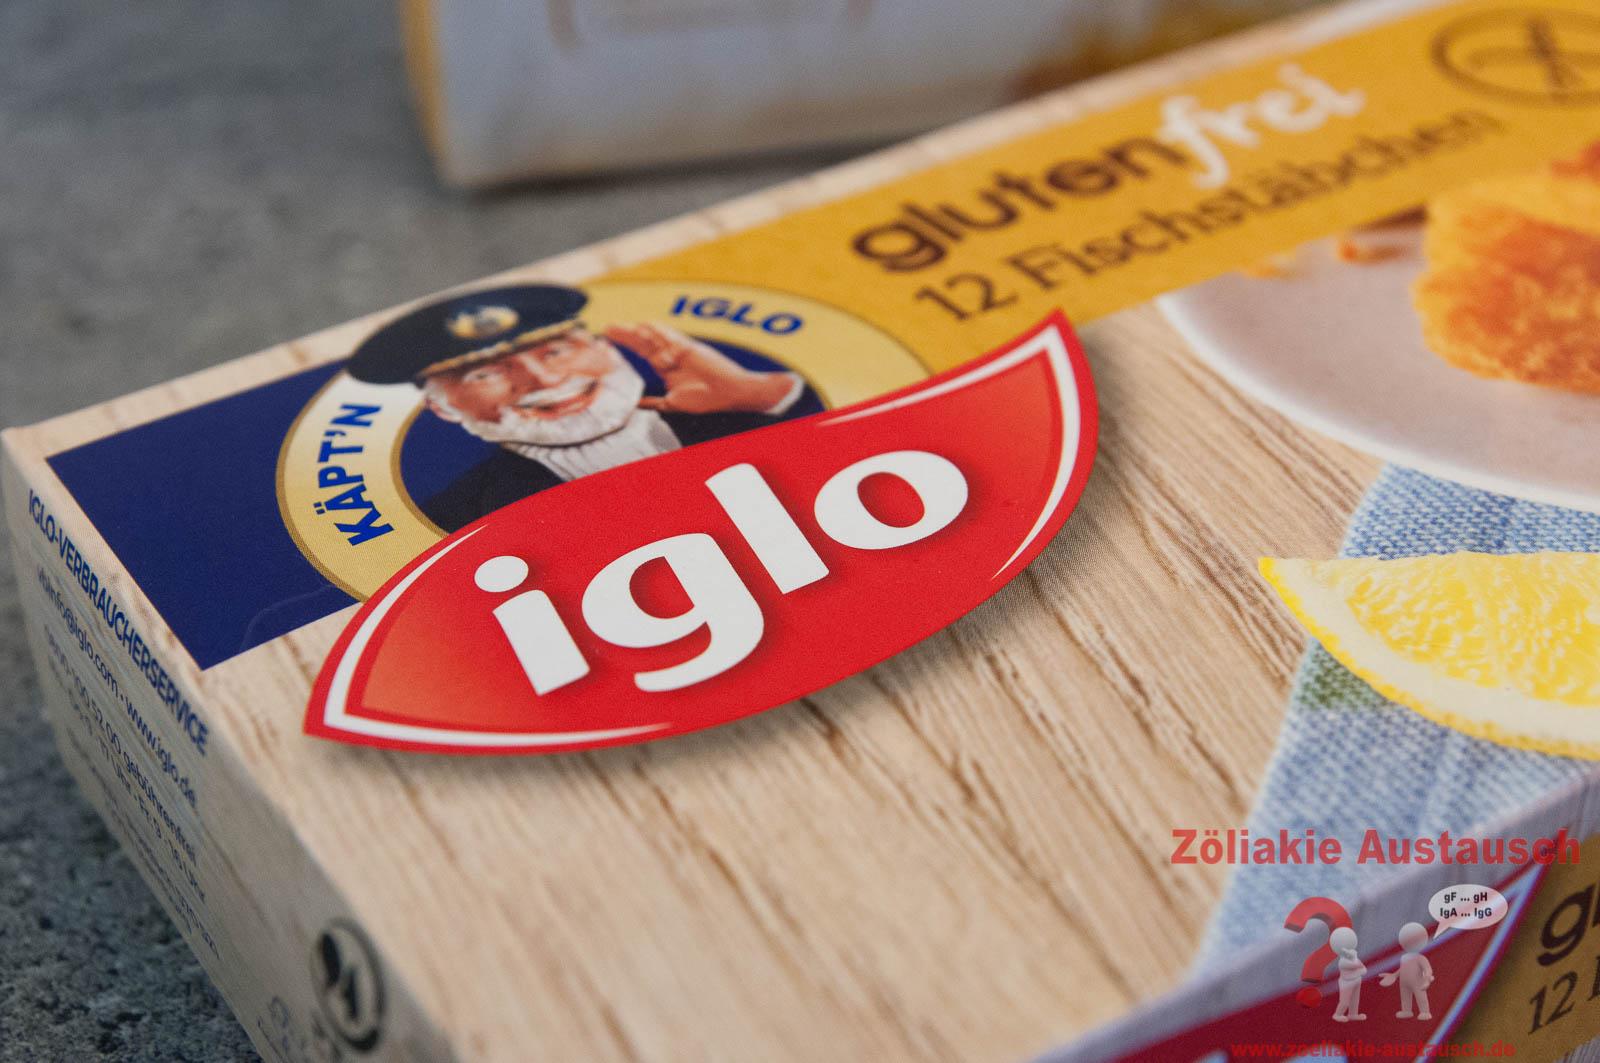 Zoeliakie_Austausch_IGLO_2017-004